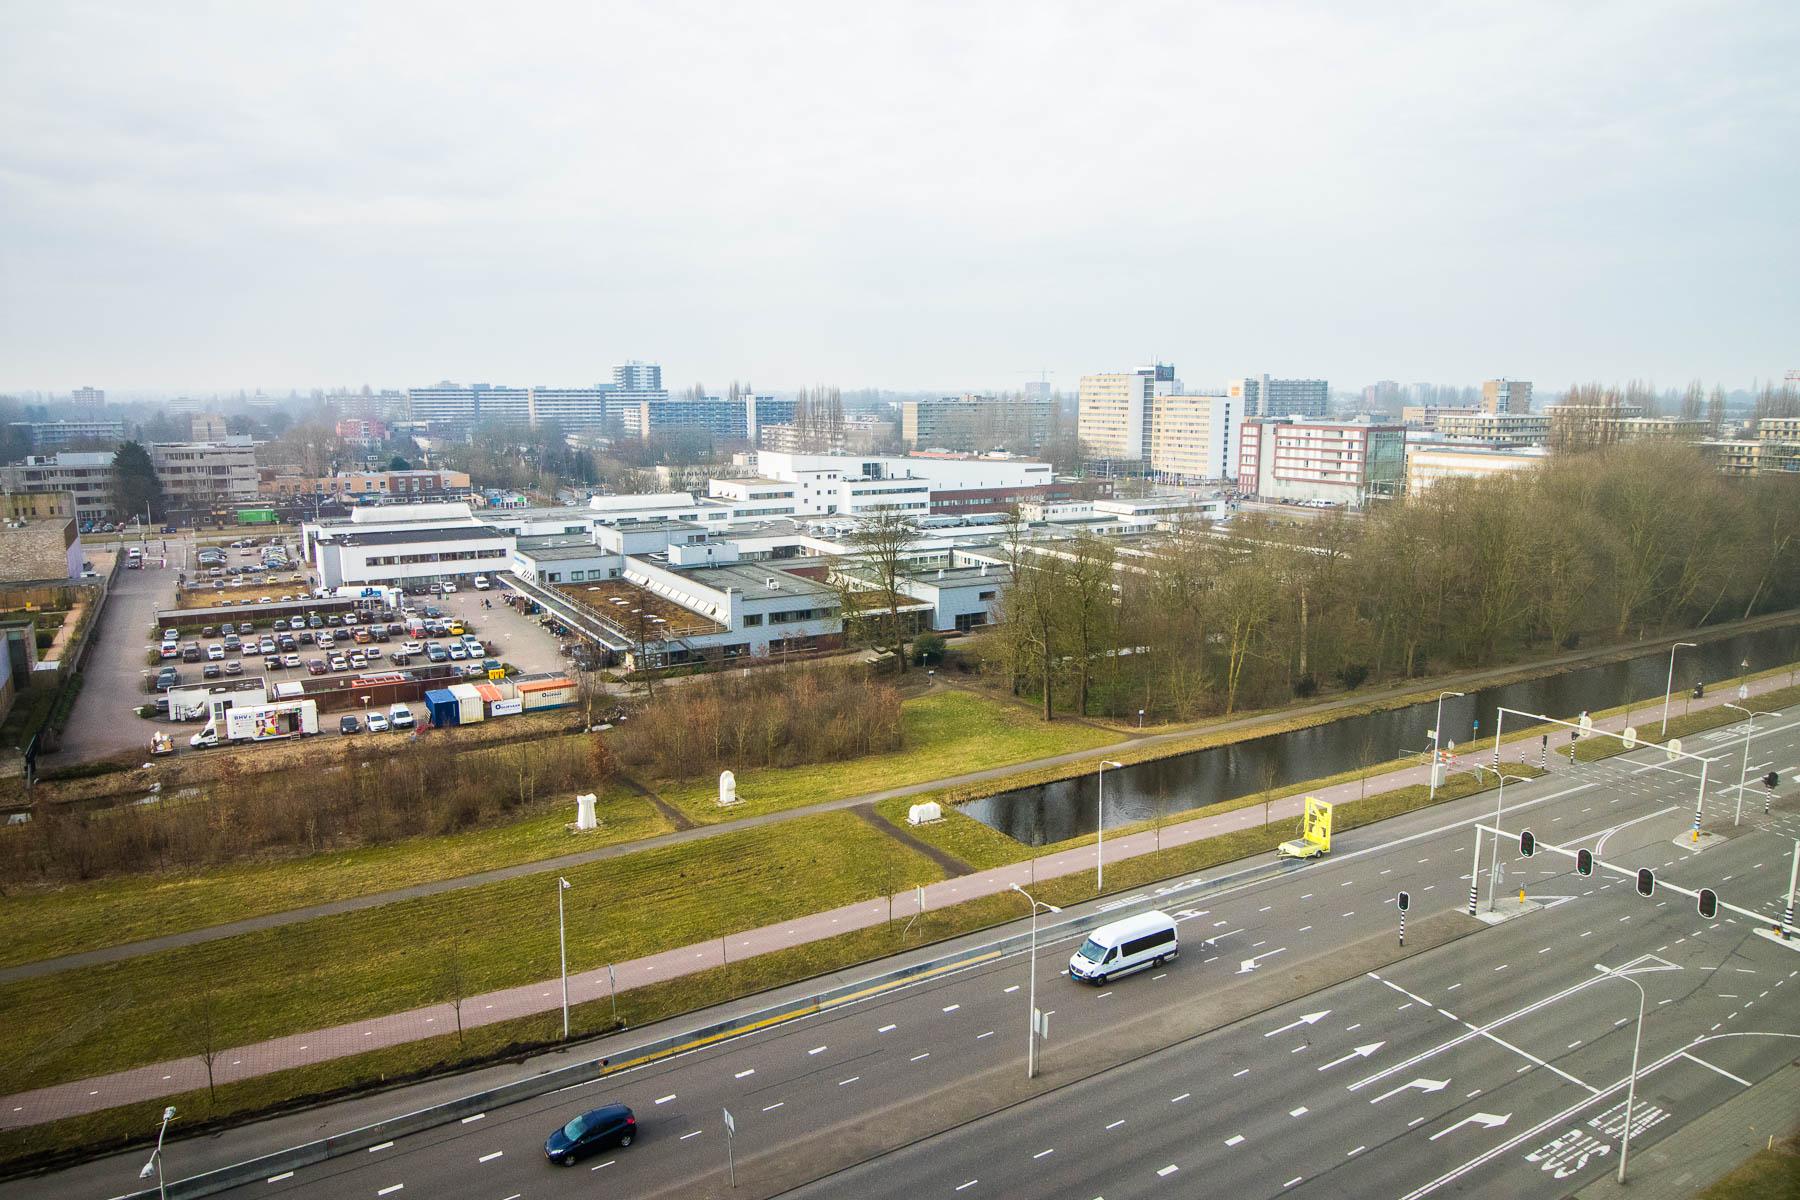 View of Amstelveen